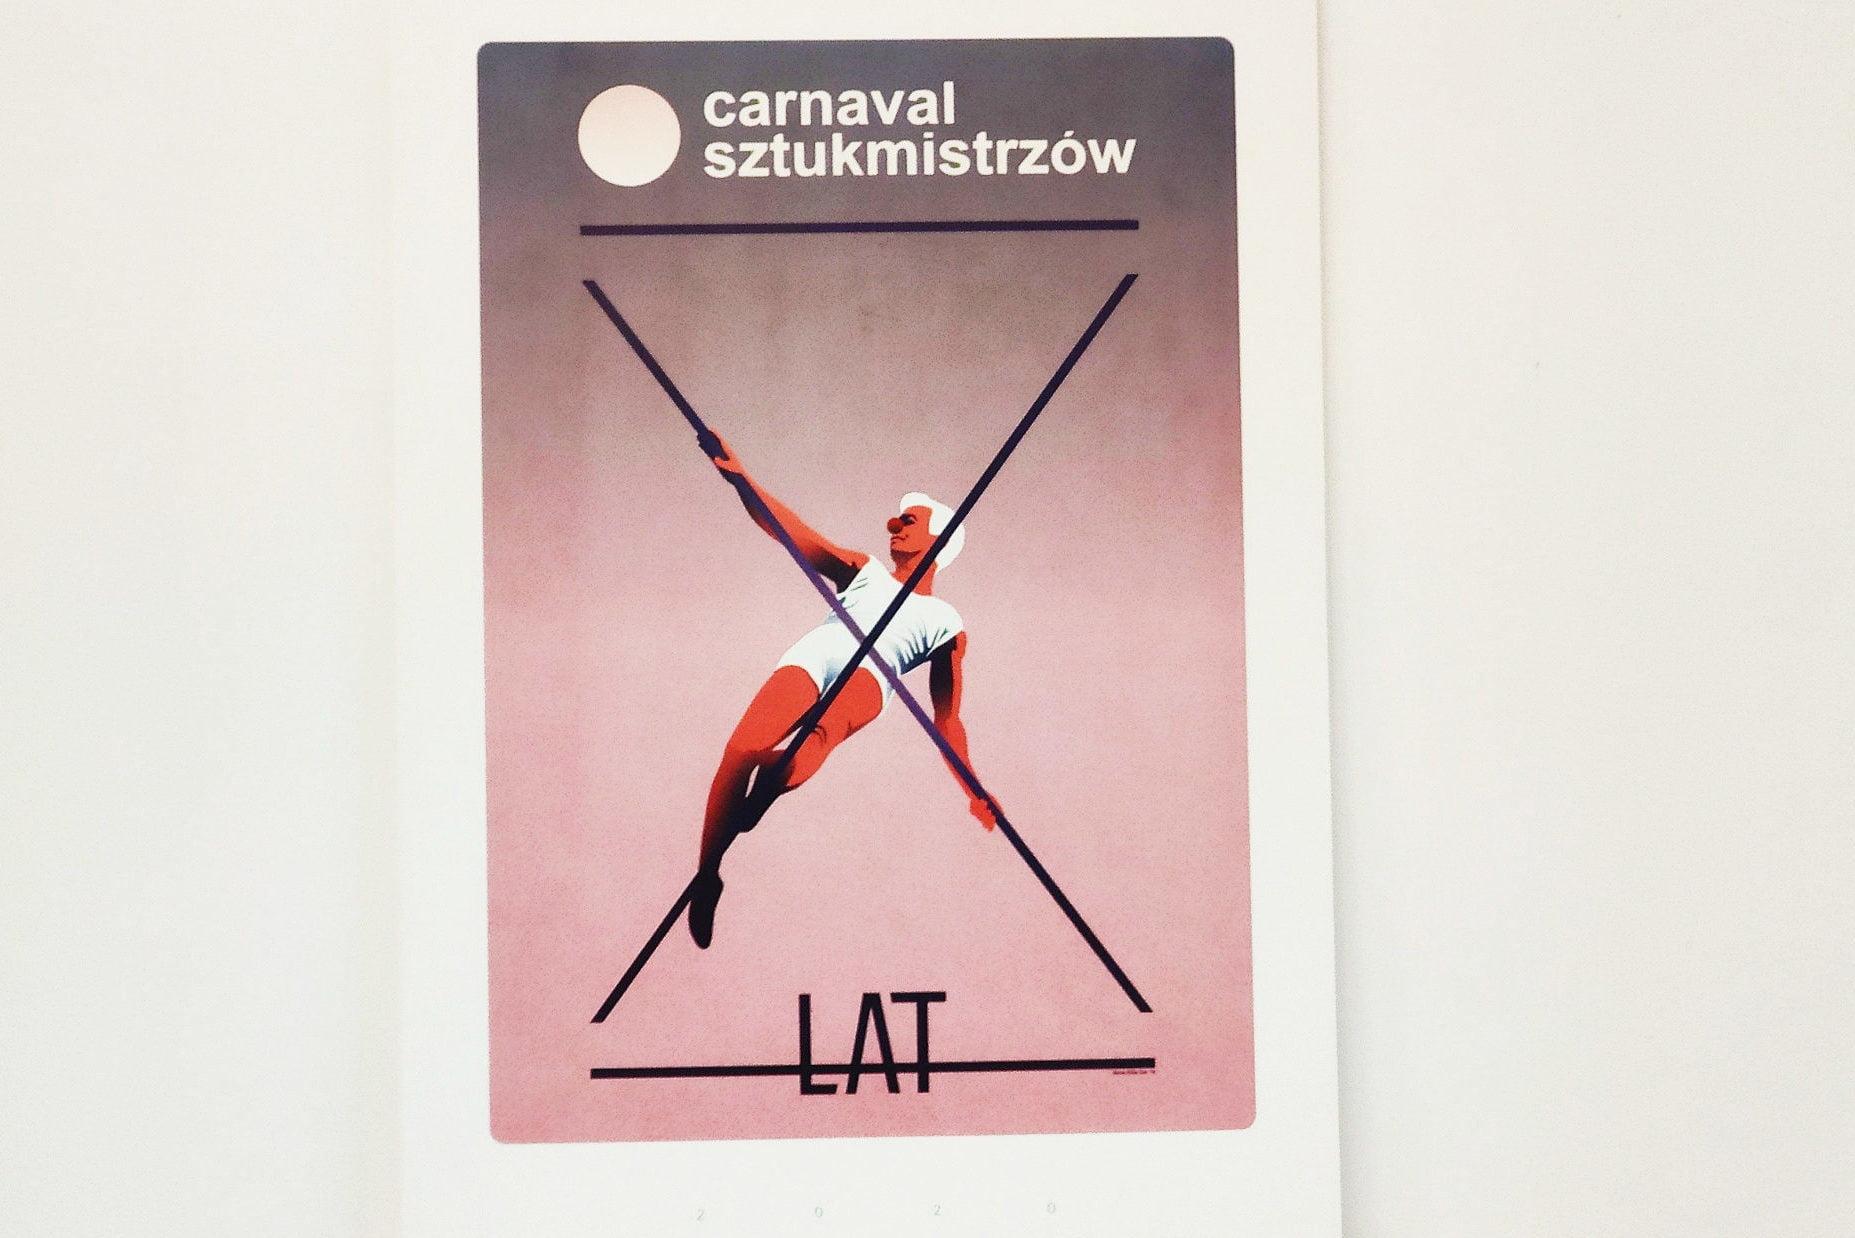 Kalendarz Carnavalu Sztukmistrzów